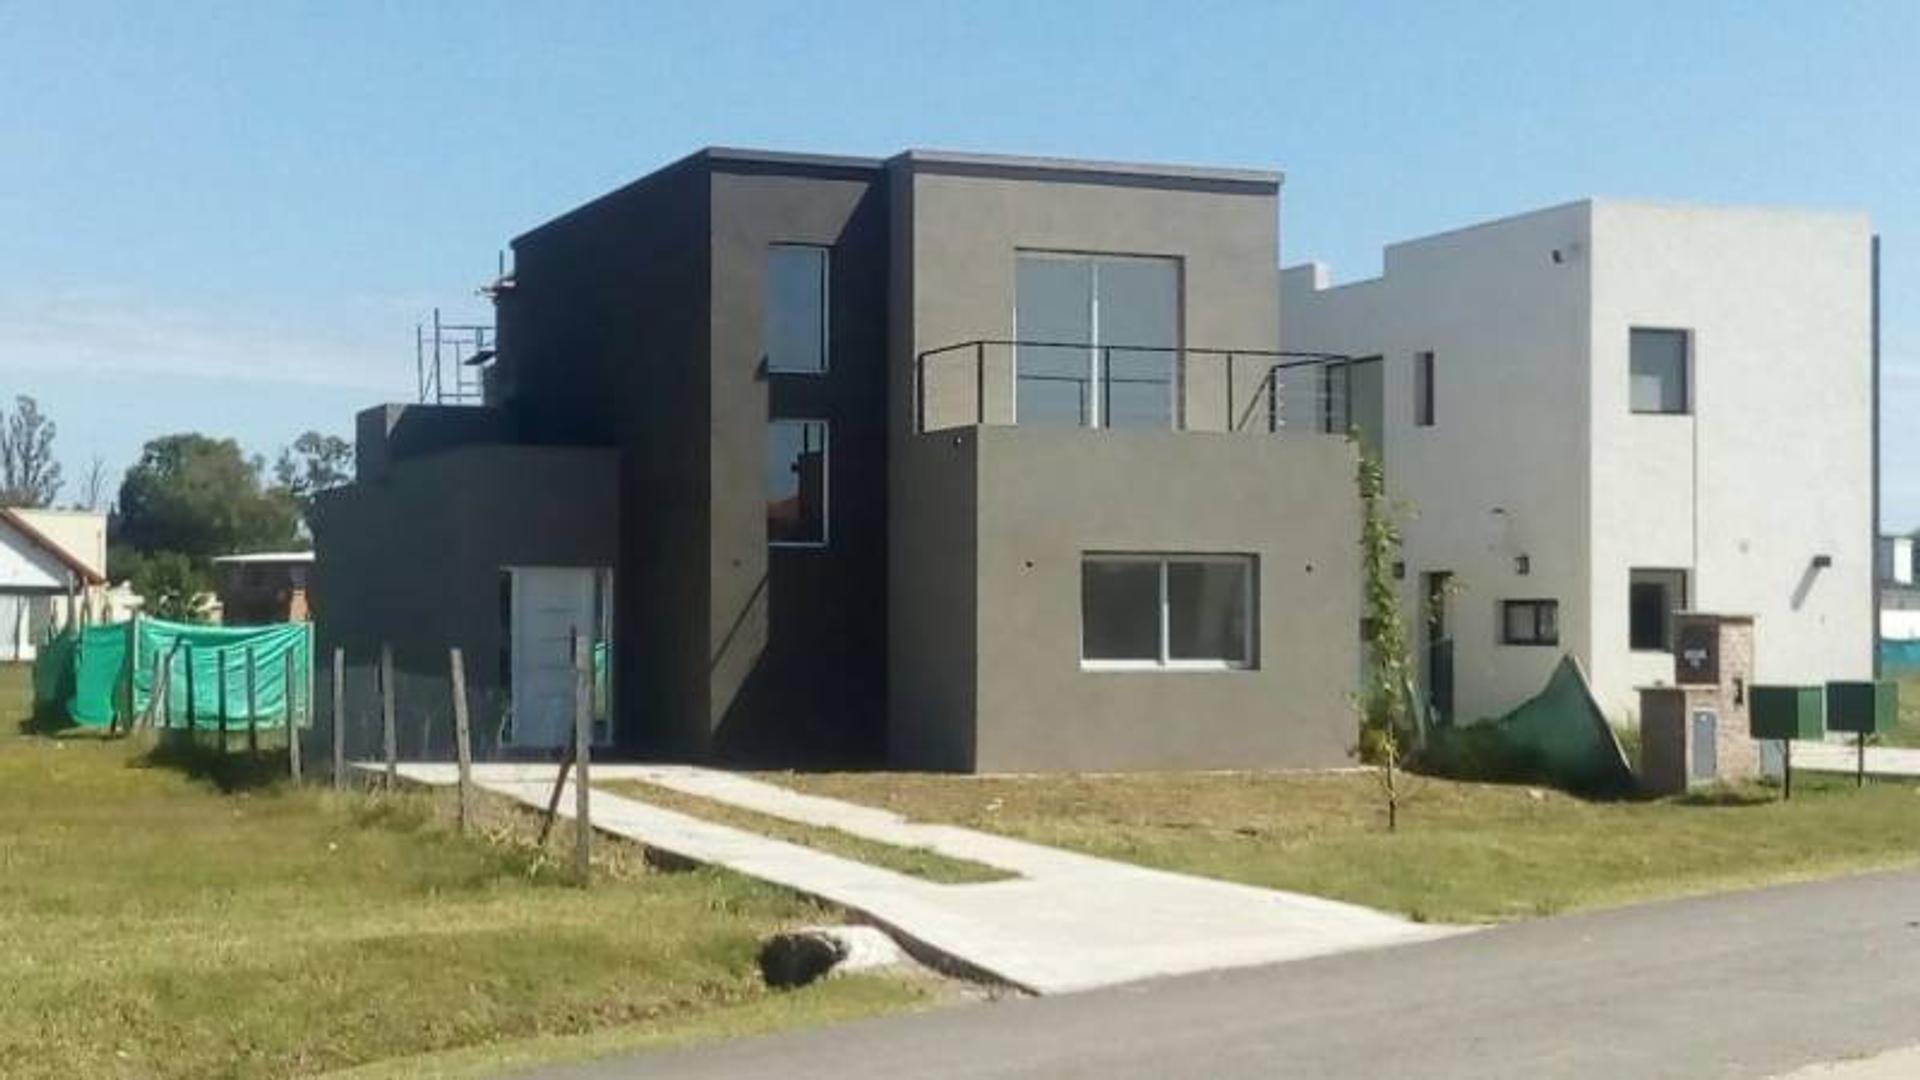 Excelente casa en venta La Cañada de Pilar BAYUGAR PROPIEDADES